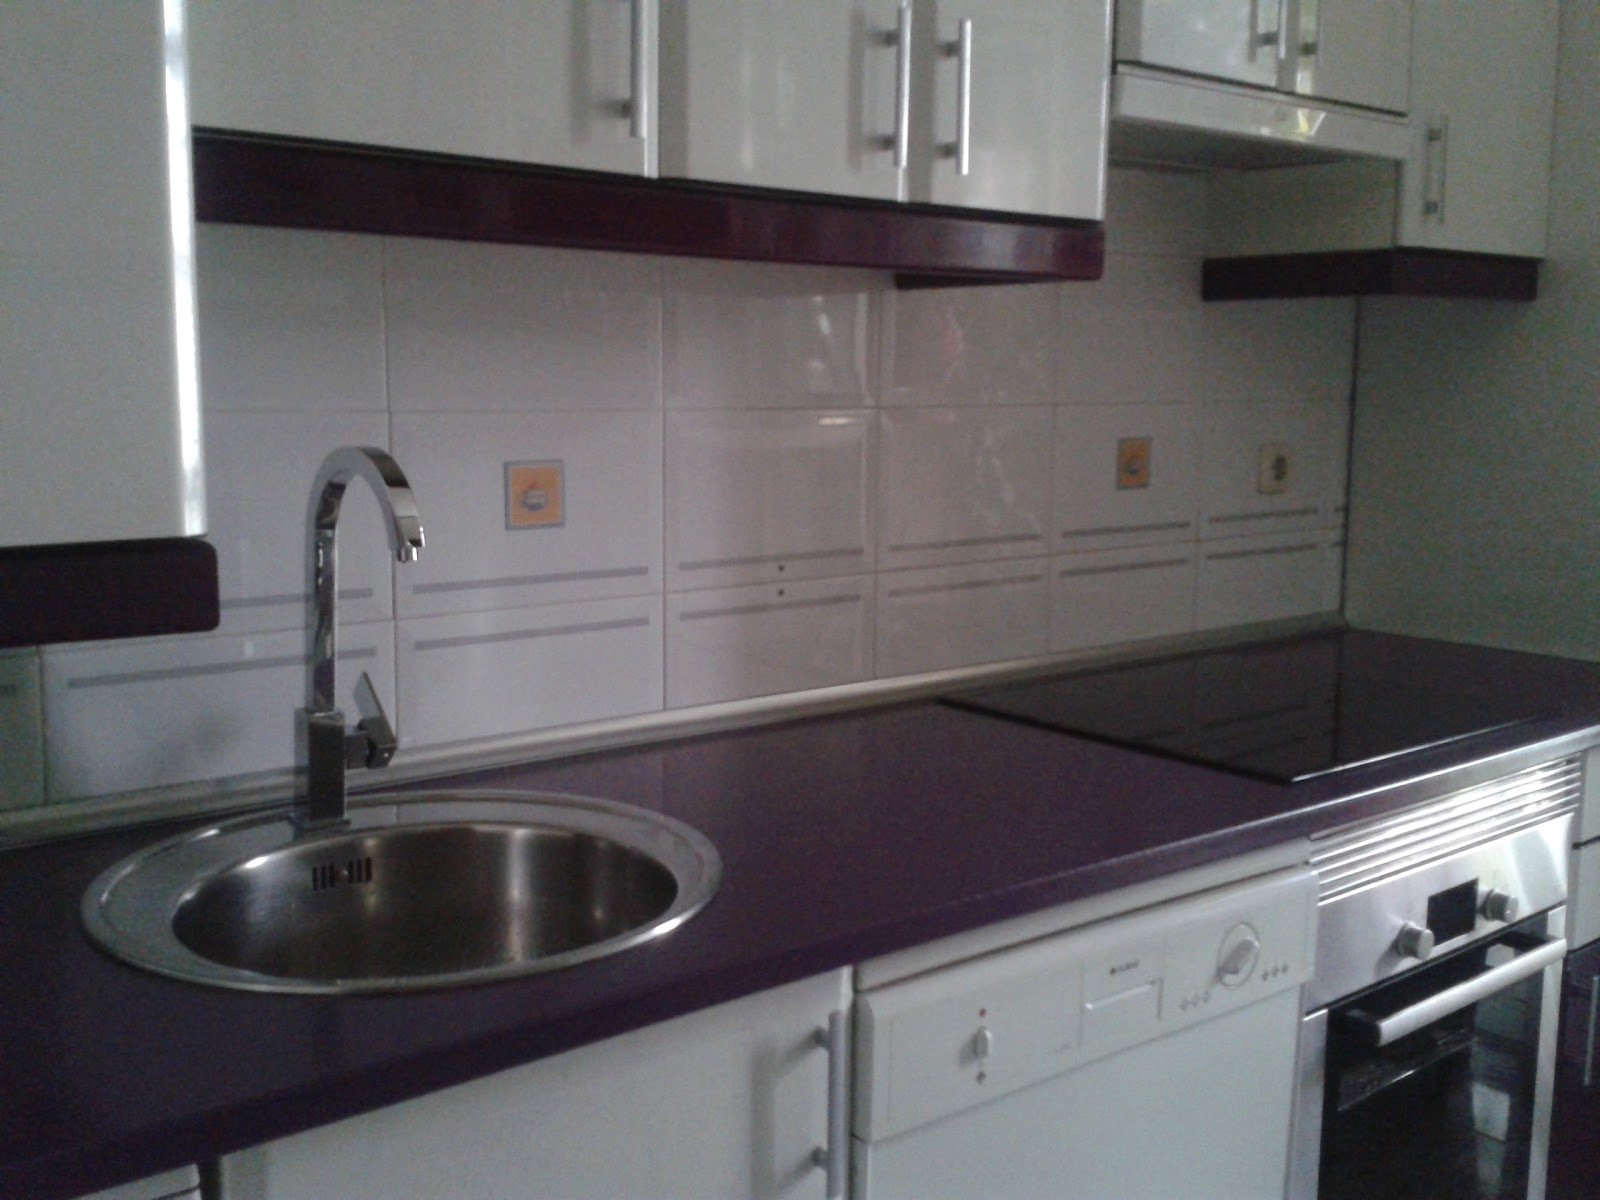 Arreglo cocina formica brillo remates y encimera - Remates de cocinas ...